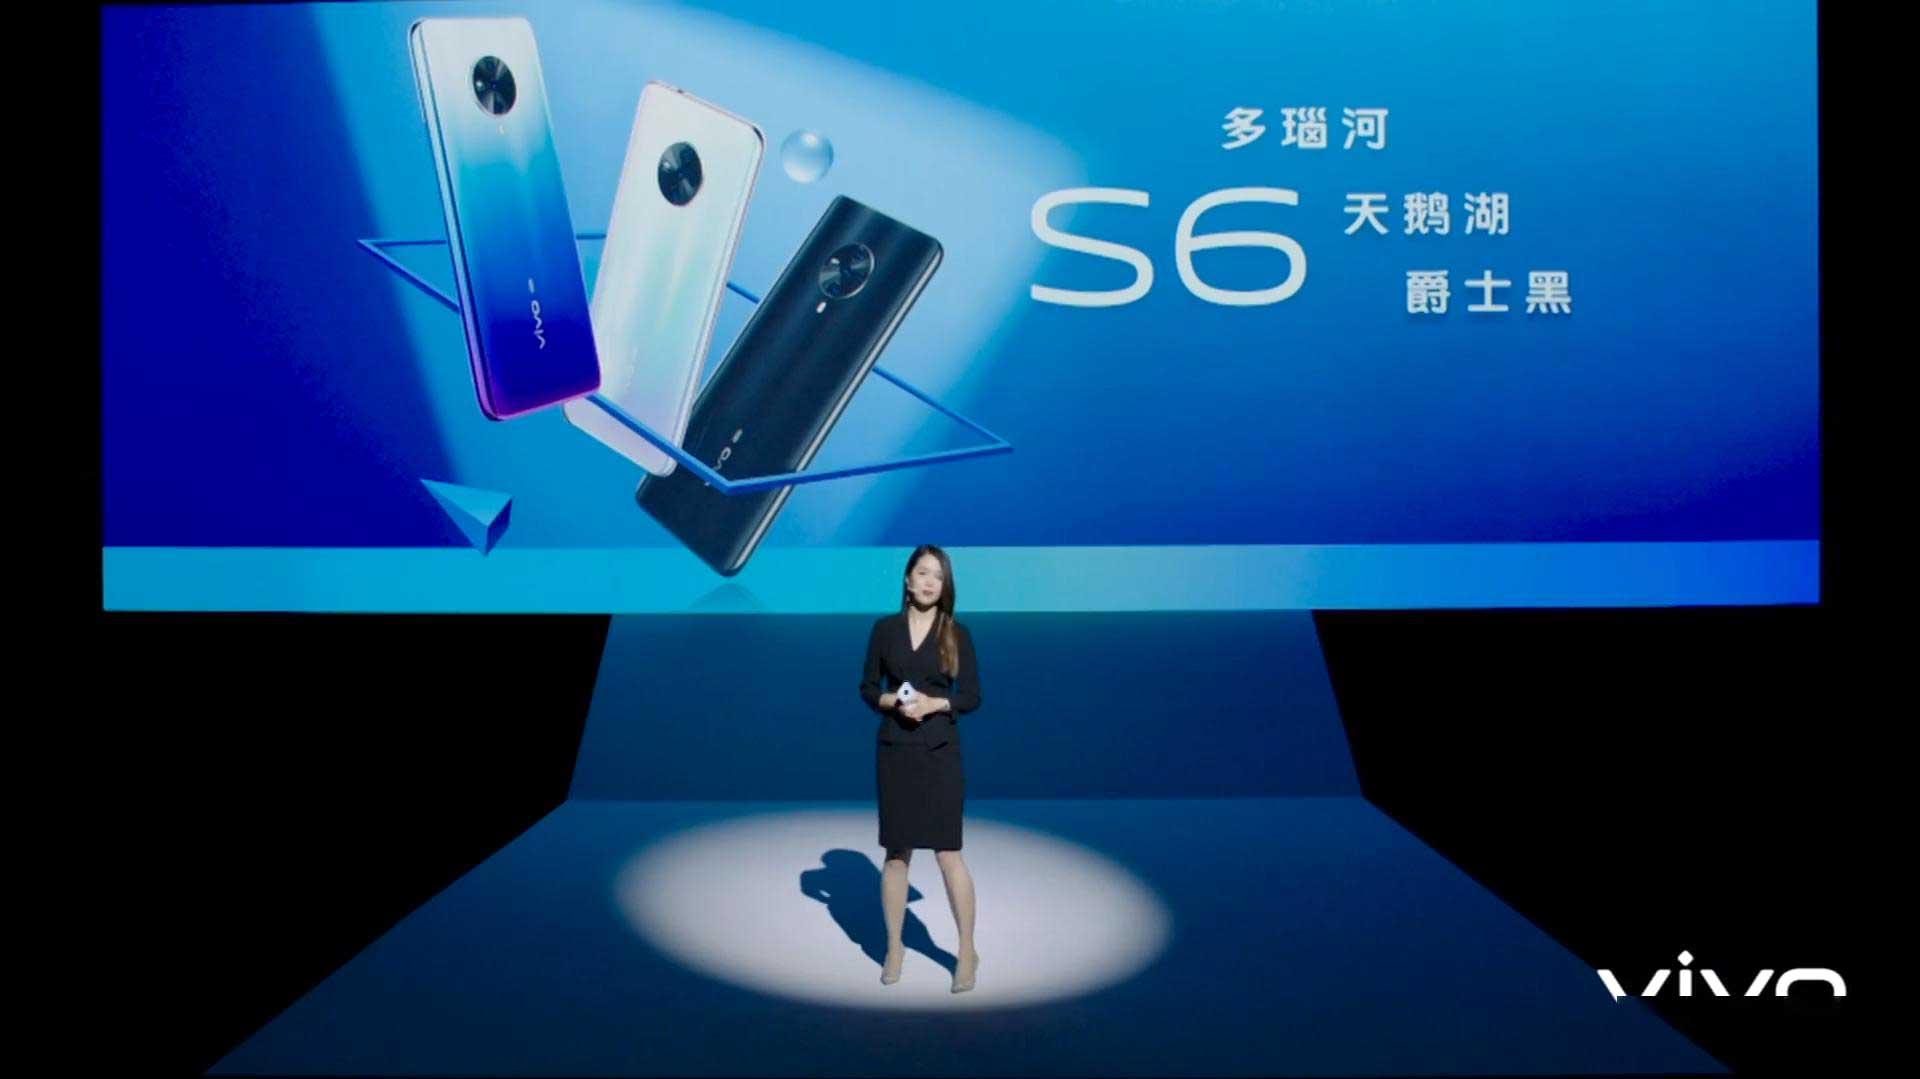 ویوو اس ۶ 5G با اگزینوس ۹۸۰ و قیمت ۳۸۰ دلار رسما معرفی شد